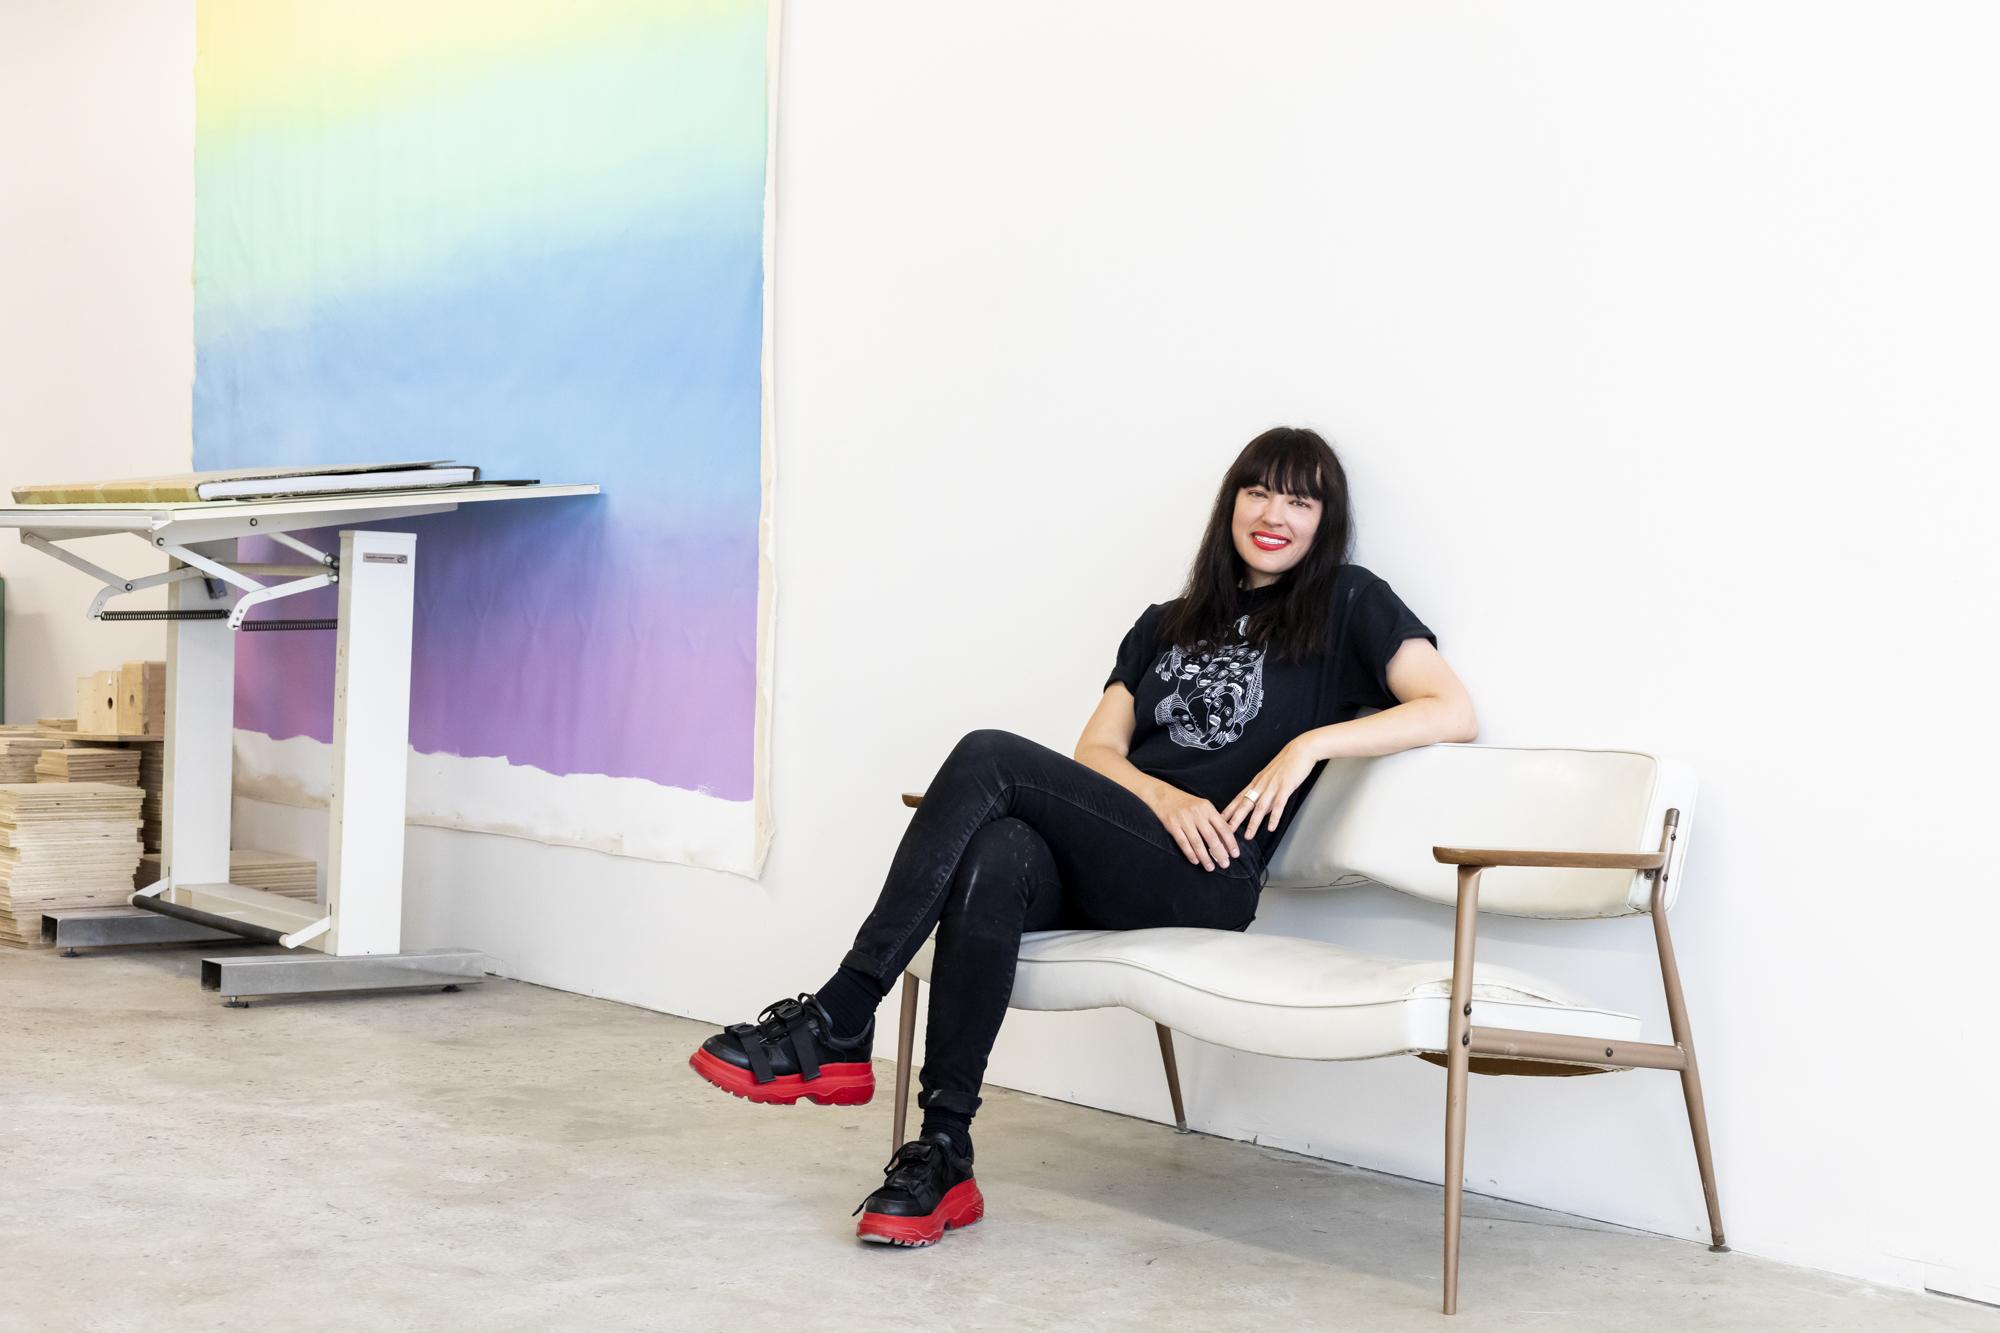 Caroline Monnet - Rencontre sous le thème du devoir de l'artiste en 2019 avec l'artiste multidisciplinaire Caroline Monnet et Isabelle Benoit pour le Centre Phi. Mon mandat : ramener des images de l'entretien, de l'artiste, de certaines oeuvres et de son espace de travail. Par ici pour lire l'article complet >>